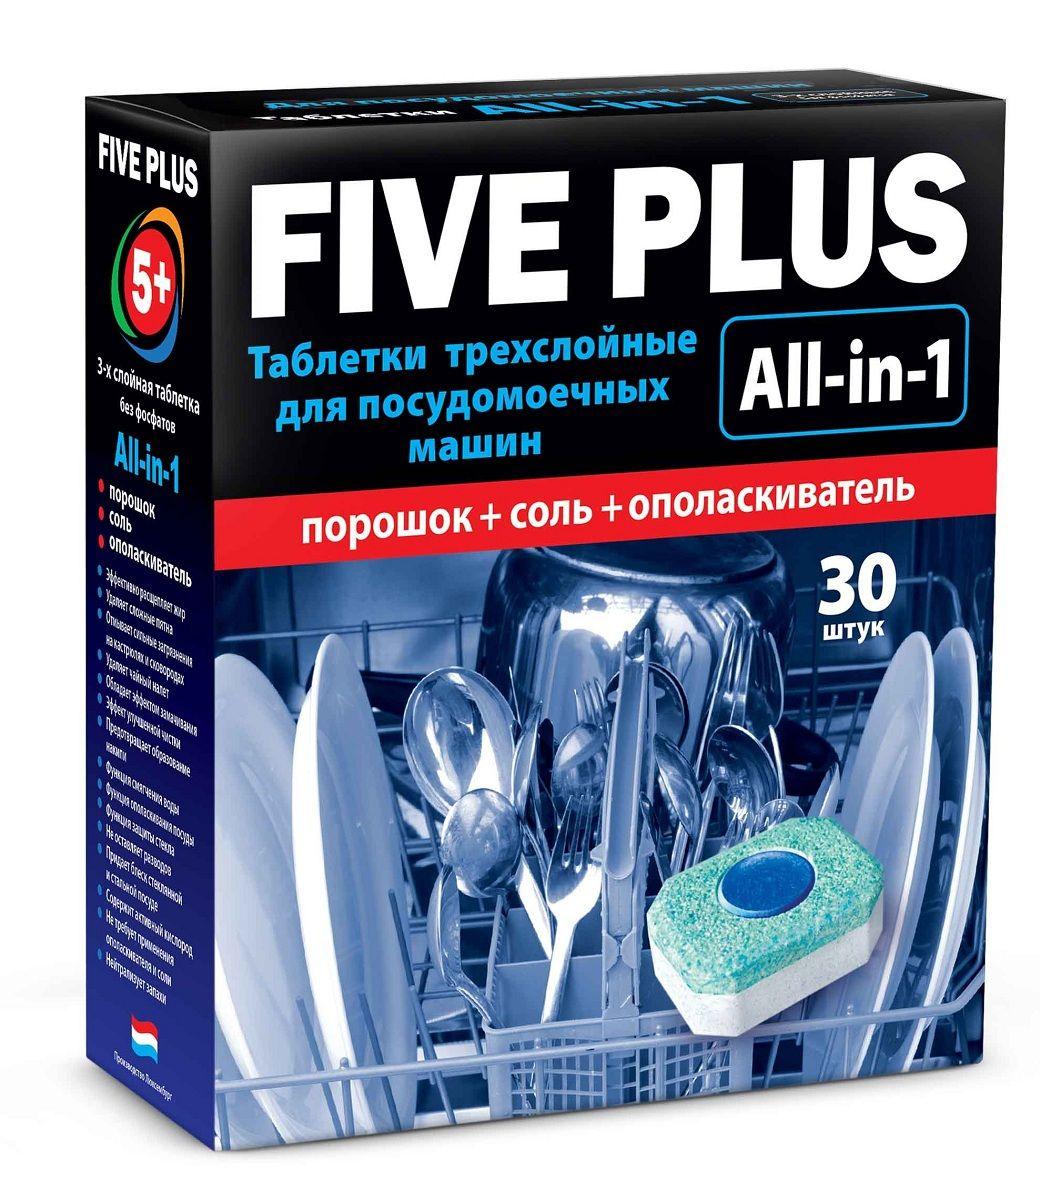 Таблетки для посудомоечных машин 5+ Five Plus. Все-в-одном, 30 шт4602984008056FIVE PLUS ТАБЛЕТКИ ДЛЯ ПОСУДОМОЕЧНЫХ МАШИН . All-in-1. Содержат мощные компоненты для удаления сильных загрязнений на кастрюлях и сковородах. Не требуют дополнительно применения соли и ополаскивателя. Без фосфатов • Эффективно расщепляет жир • Удаляет сложные пятна • Отмывает сильные загрязнения на кастрюлях и сковородах • Удаляет чайный налет • Обладает эффектом замачивания • Эффект улучшенной чистки • Предотвращает образование накипи • Функция смягчения воды • Функция ополаскивания посуды • Не оставляет разводов • Придает блеск стеклянной и стальной посуде • Содержит активный кислород • Функция защиты стекла • Не требует применения ополаскивателя и соли • Нейтрализует запахи